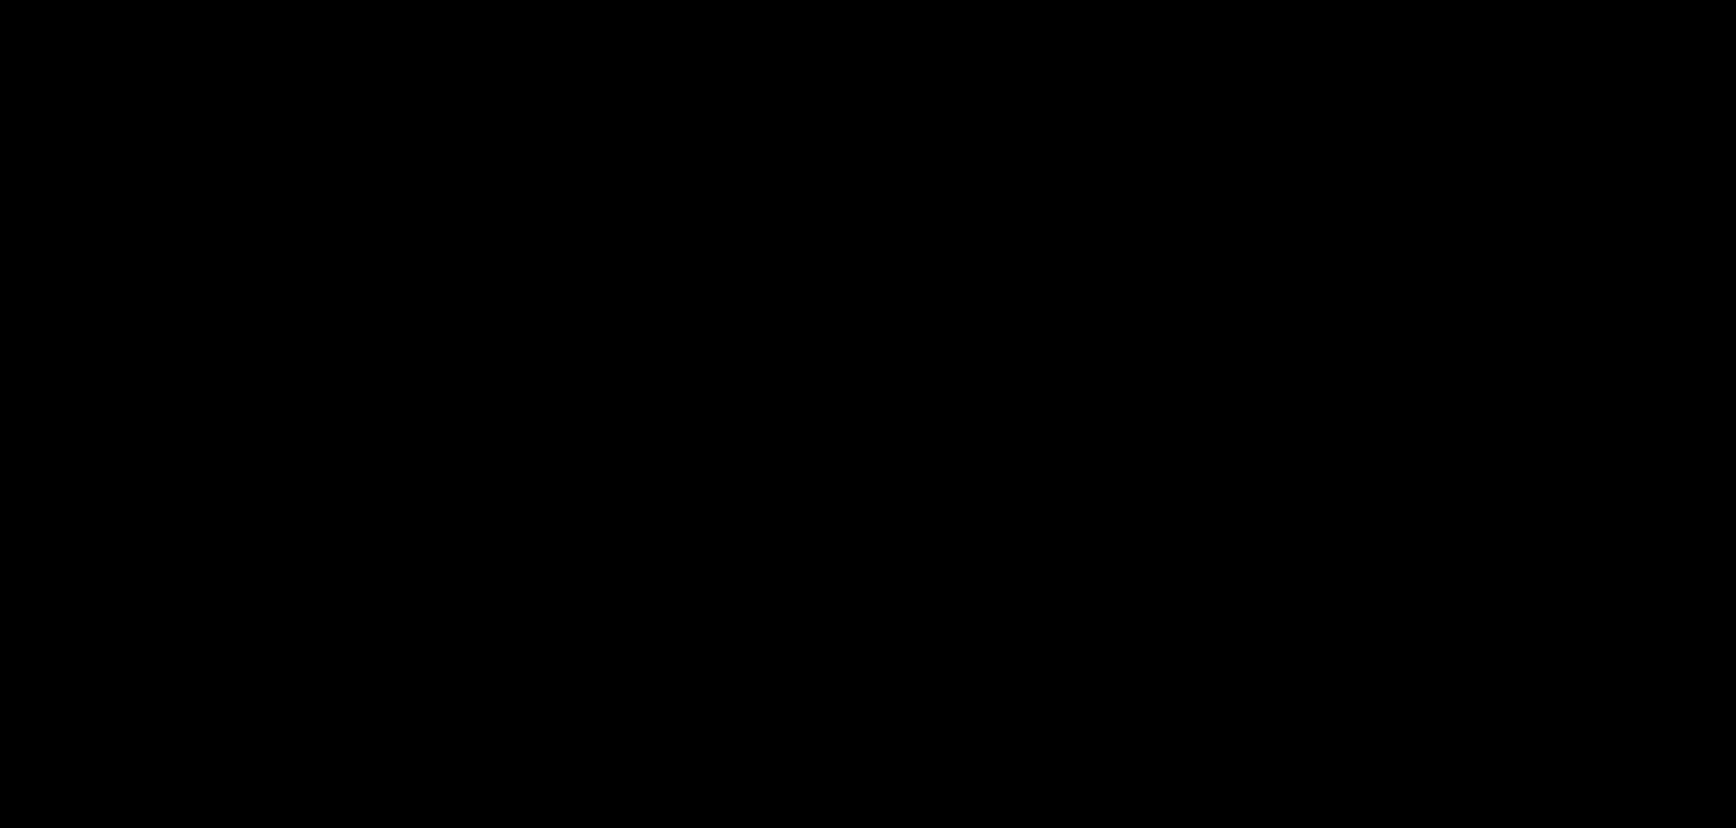 N-[2-(5-Methoxy-indol-3-yl)-ethyl]-2-methoxy-d<sub>3</sub>-commenamide